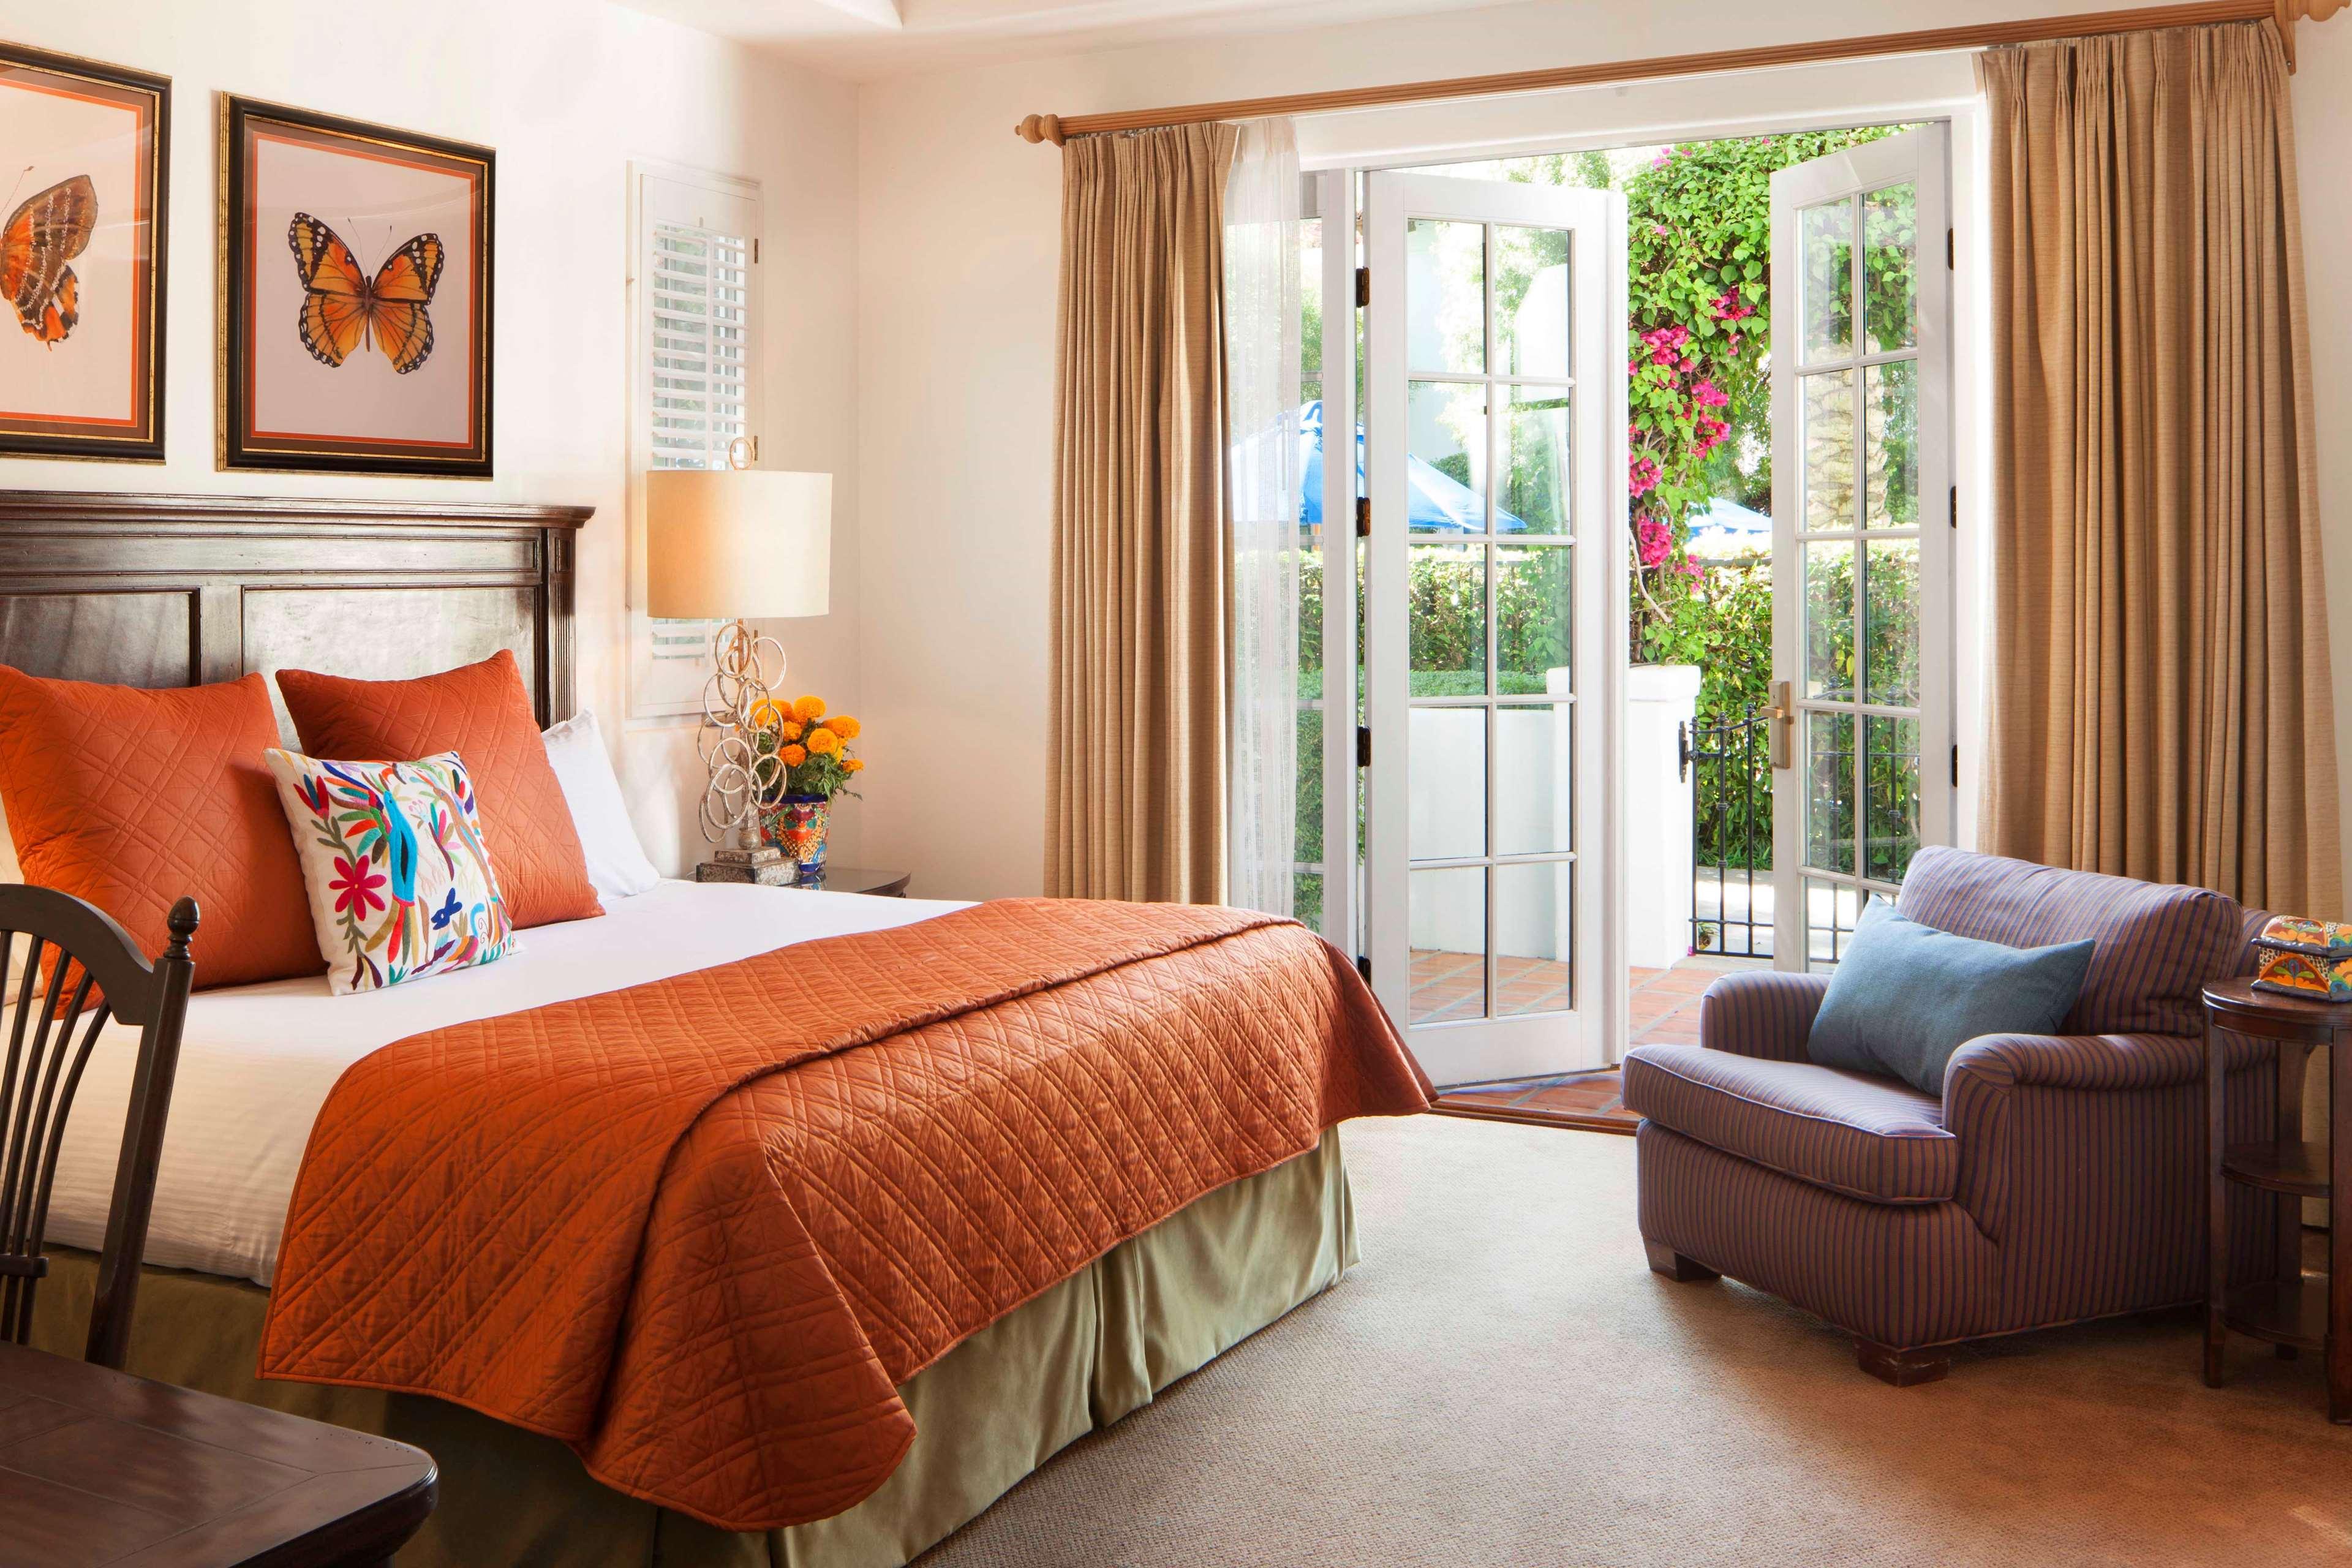 La Quinta Resort & Club, A Waldorf Astoria Resort image 35